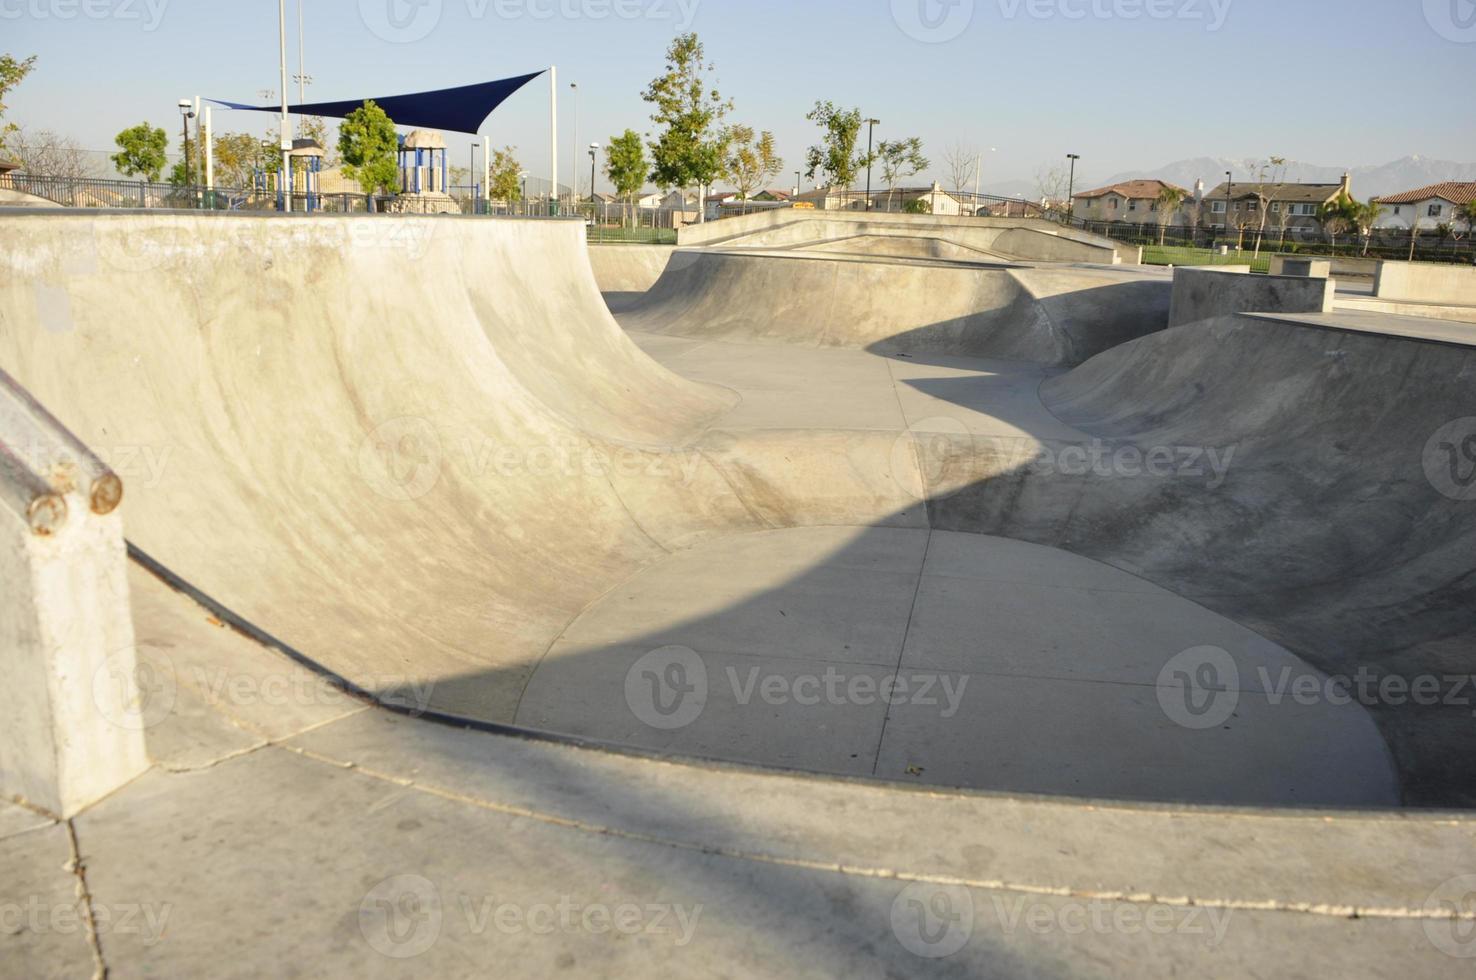 skate park photo